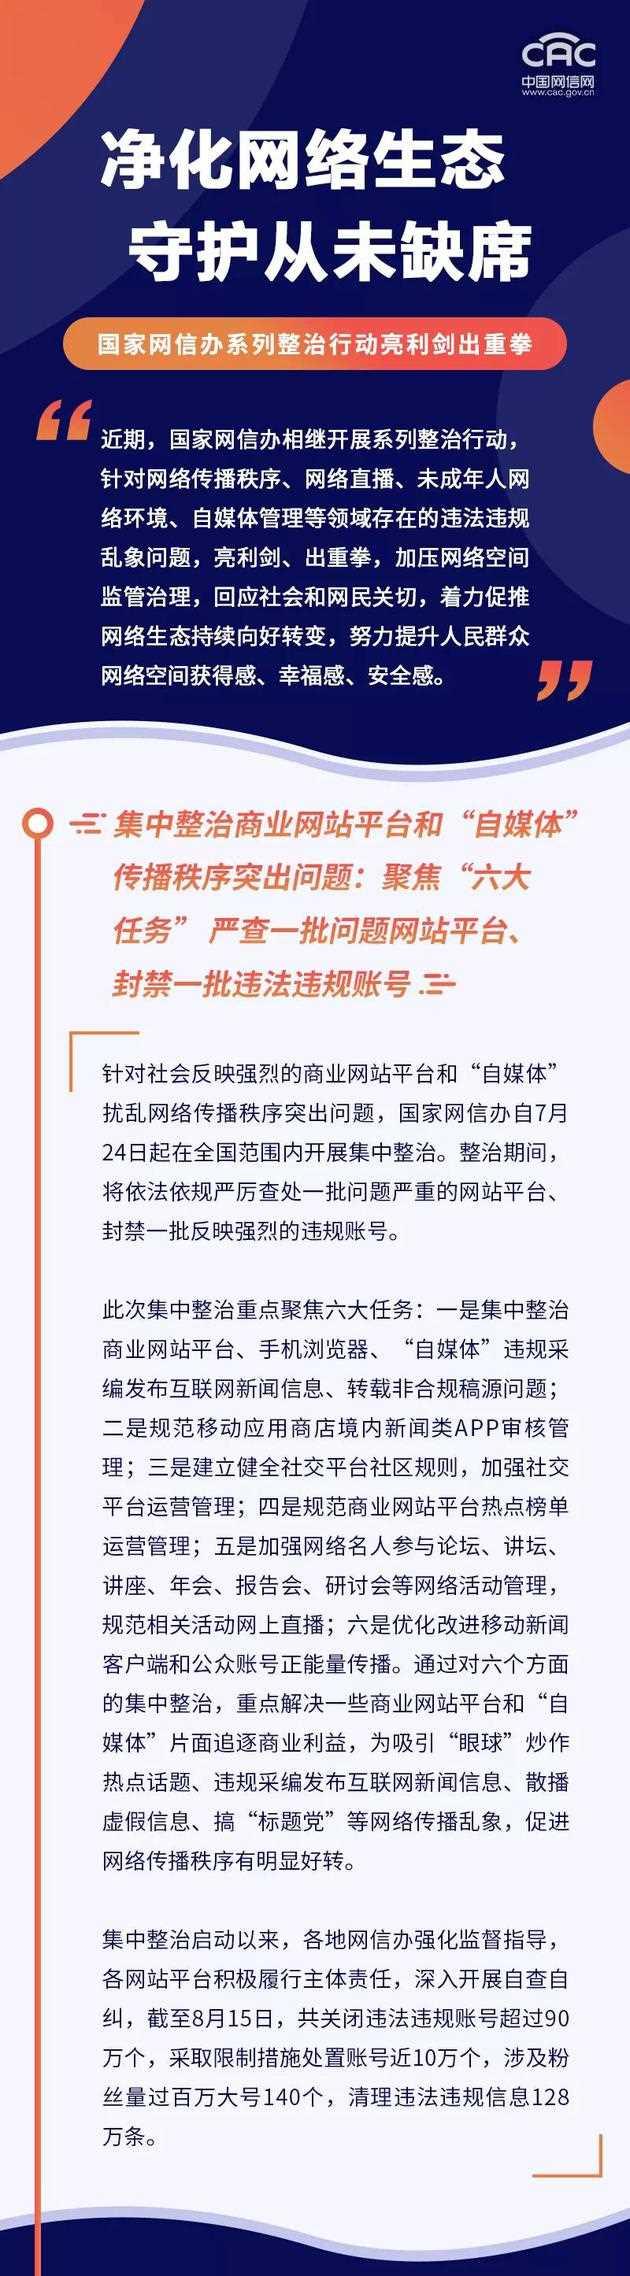 网信办关闭超90万违法违规账号 清理违法违规信息128万条